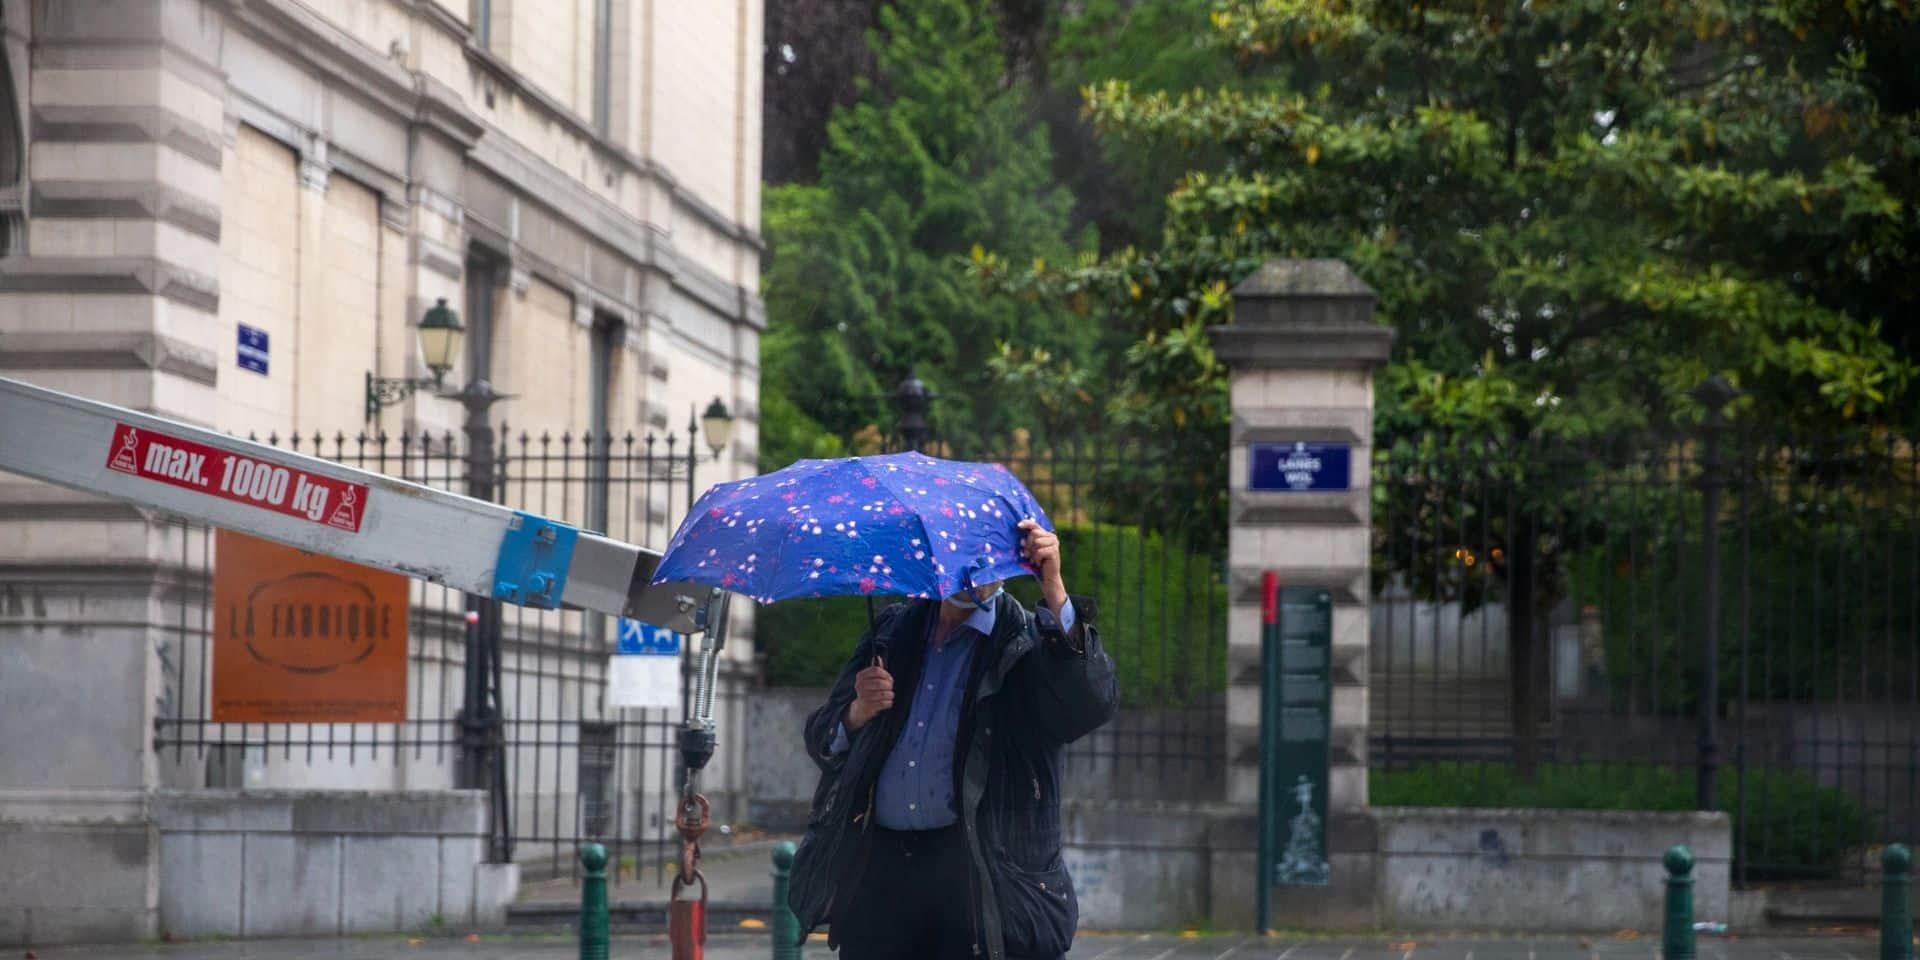 Météo: un temps couvert et assez frais en ce 1er juillet